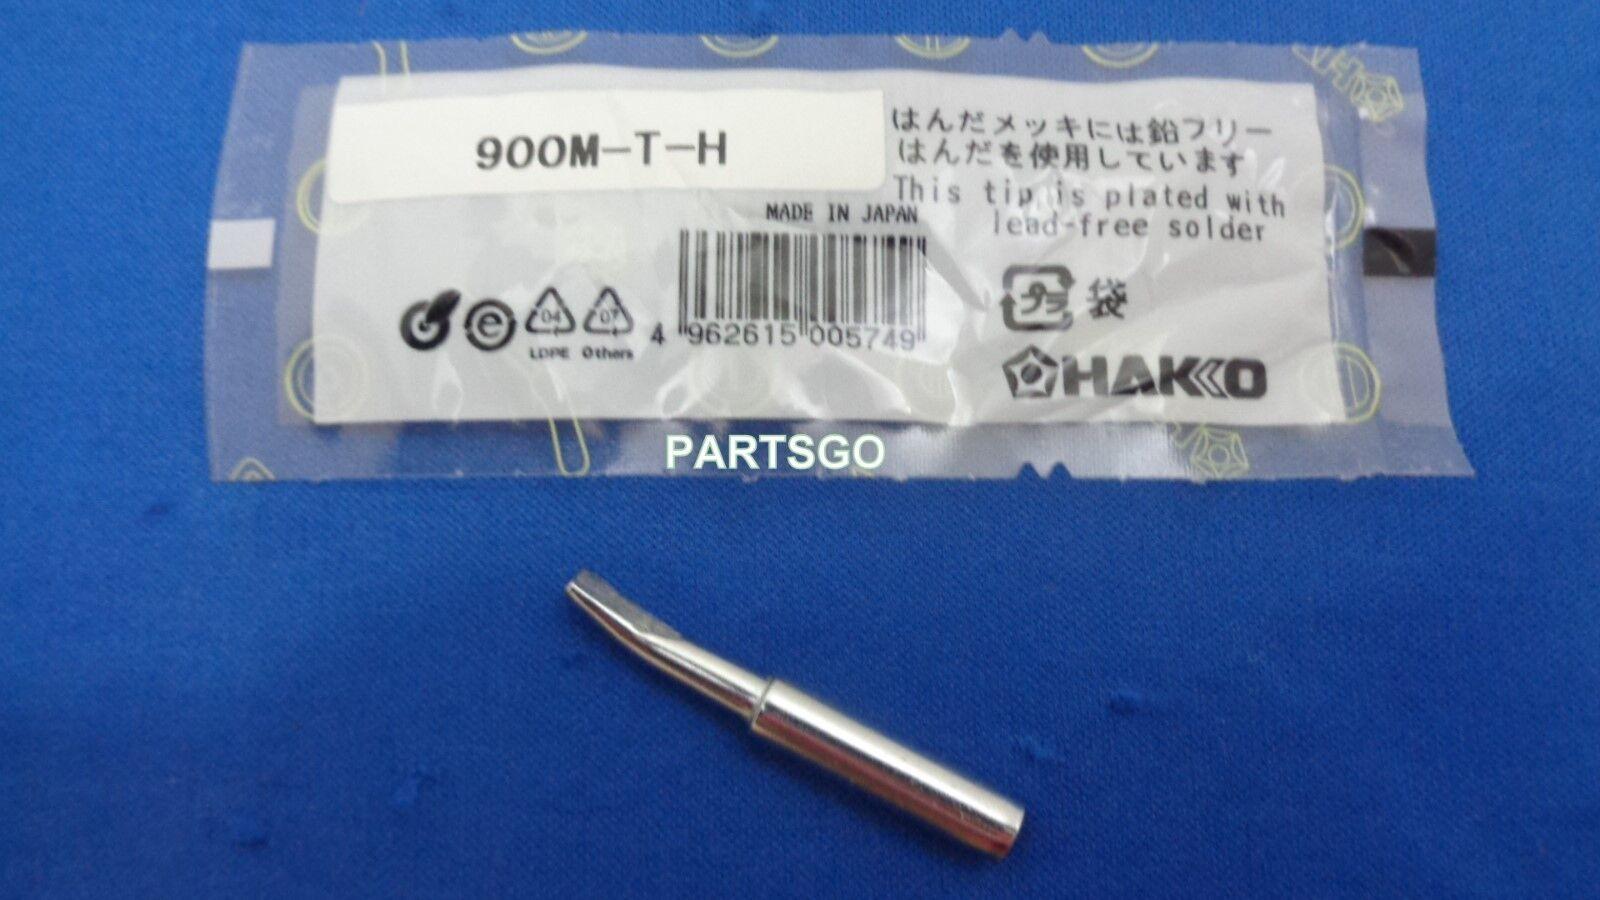 900m t h solder soldering iron tip for hakko station 900m usa seller ebay. Black Bedroom Furniture Sets. Home Design Ideas